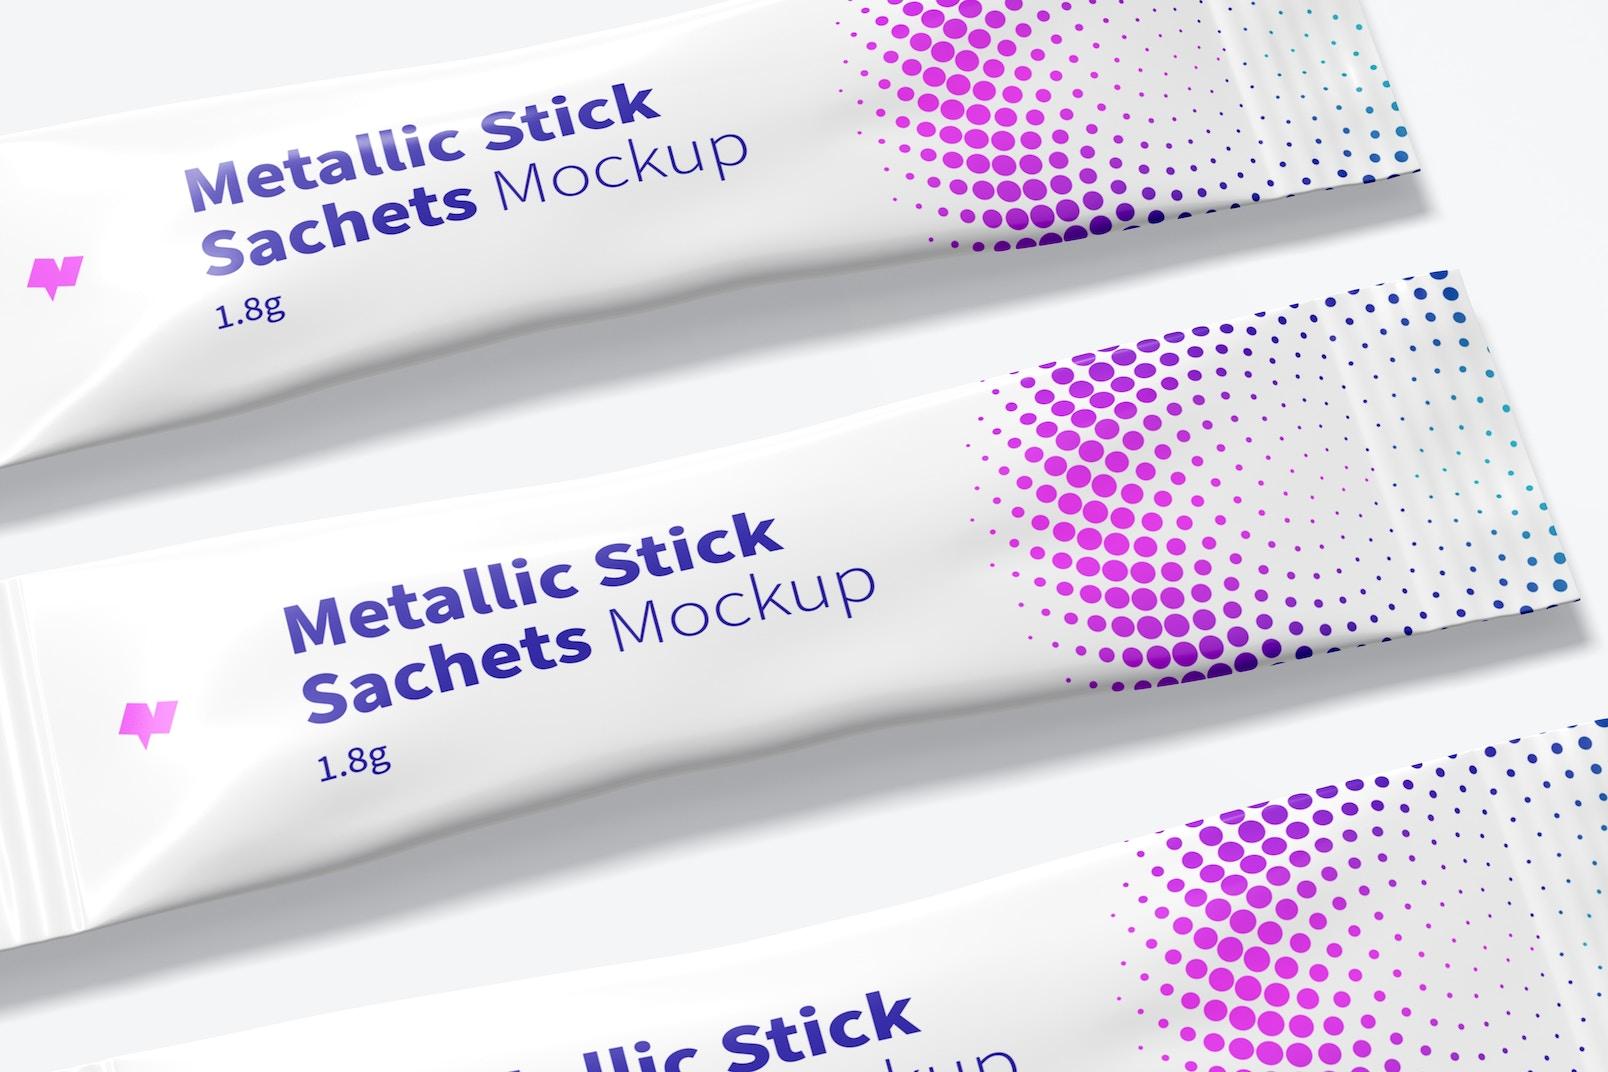 Metallic Stick Sachets Mockup, Close Up